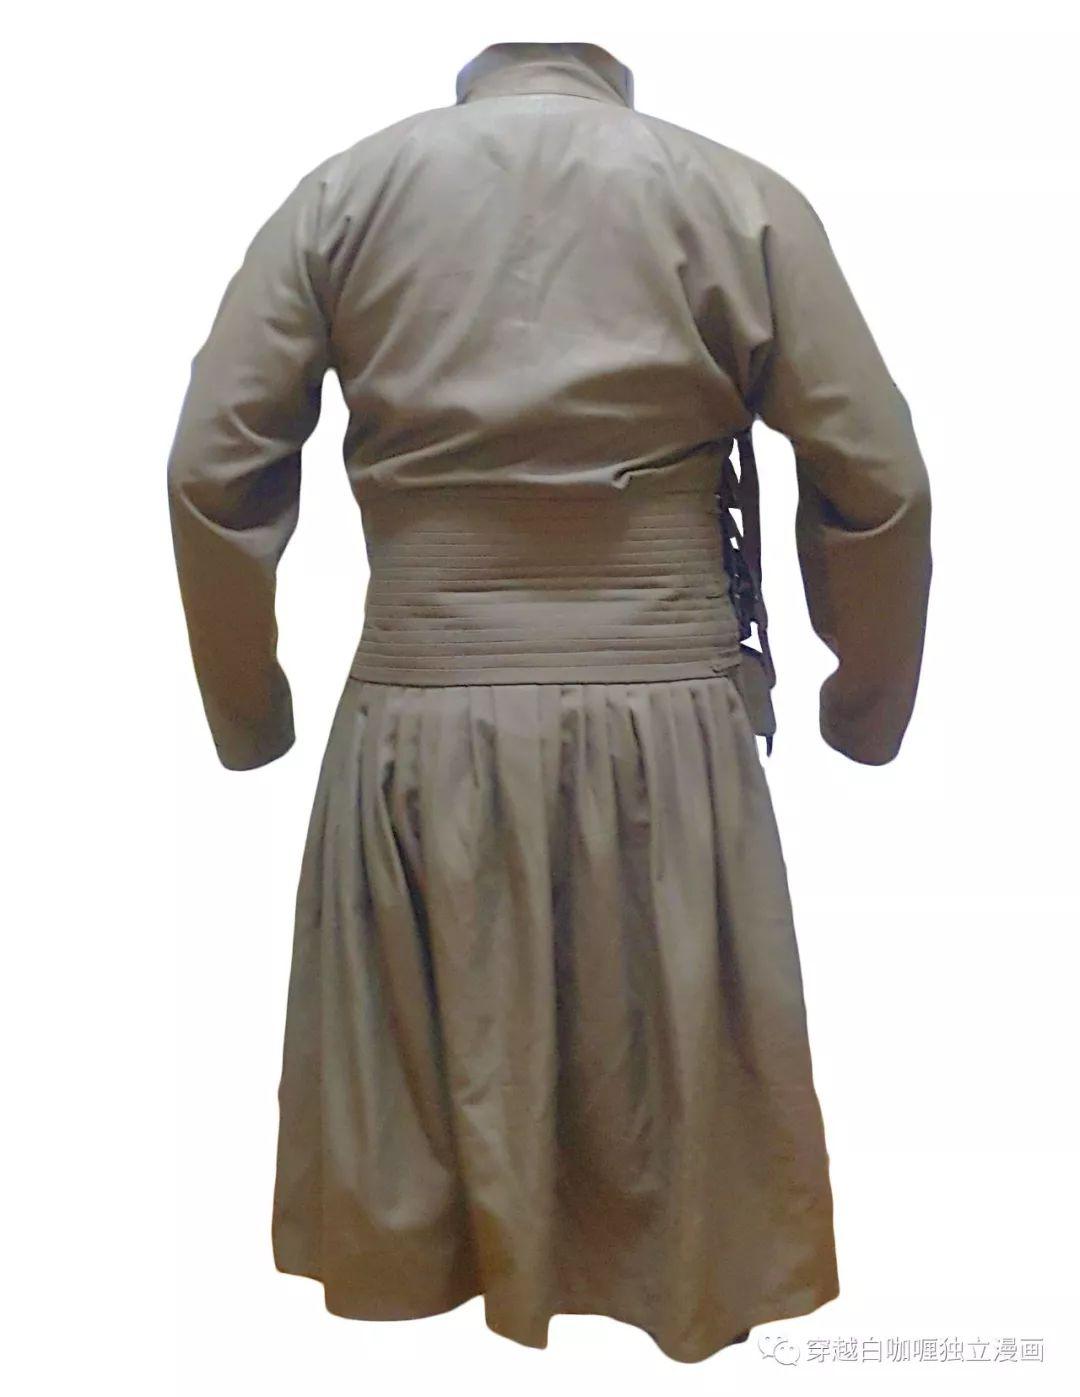 【蒙古文化】什么是蒙古袍? ᠳᠡᠪᠡᠯᠤᠨ ᠲᠤᠬᠠᠢ 第6张 【蒙古文化】什么是蒙古袍? ᠳᠡᠪᠡᠯᠤᠨ ᠲᠤᠬᠠᠢ 蒙古服饰